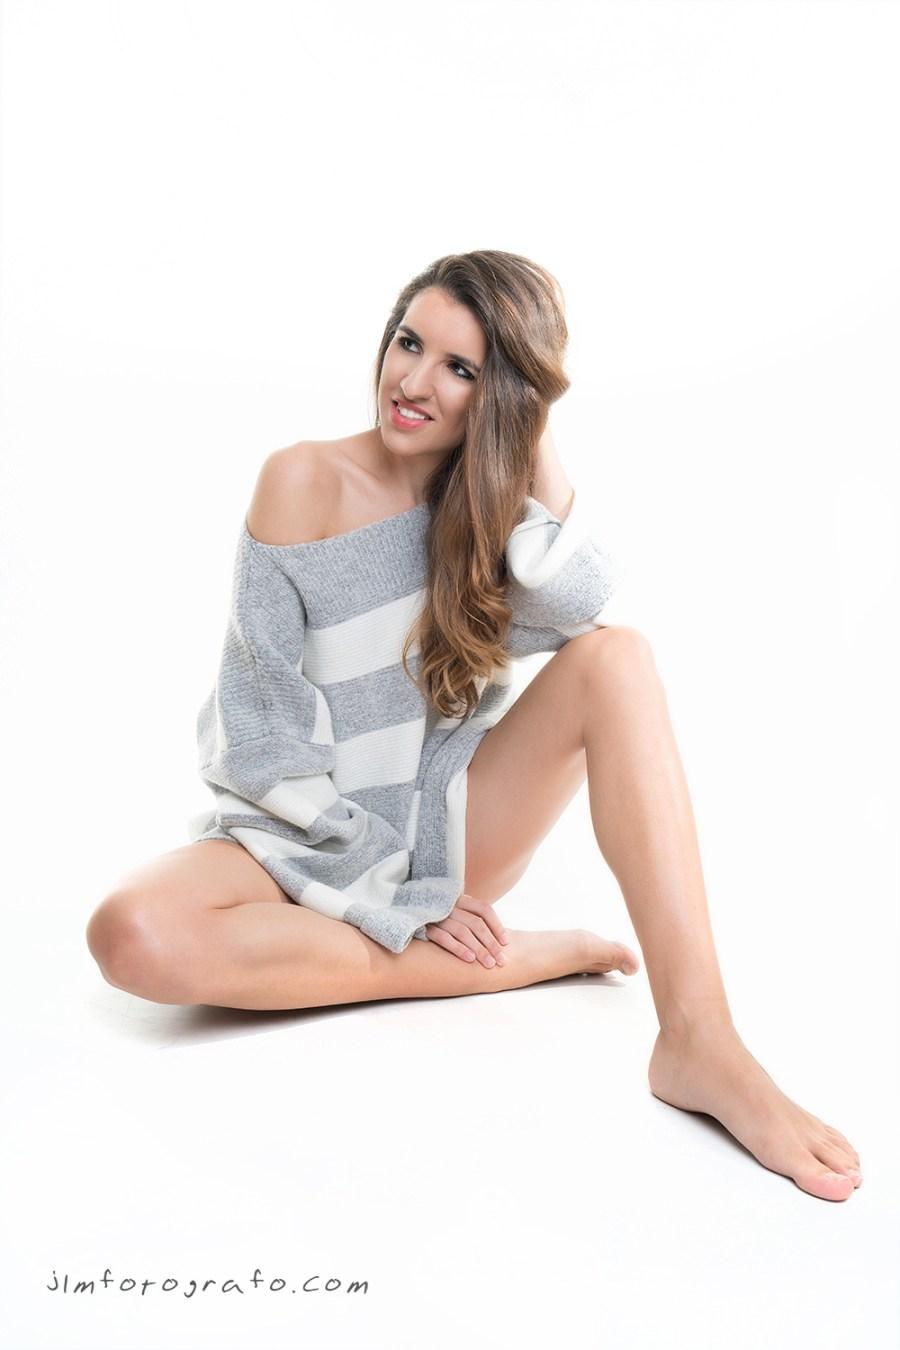 Modelo Marita Moreta